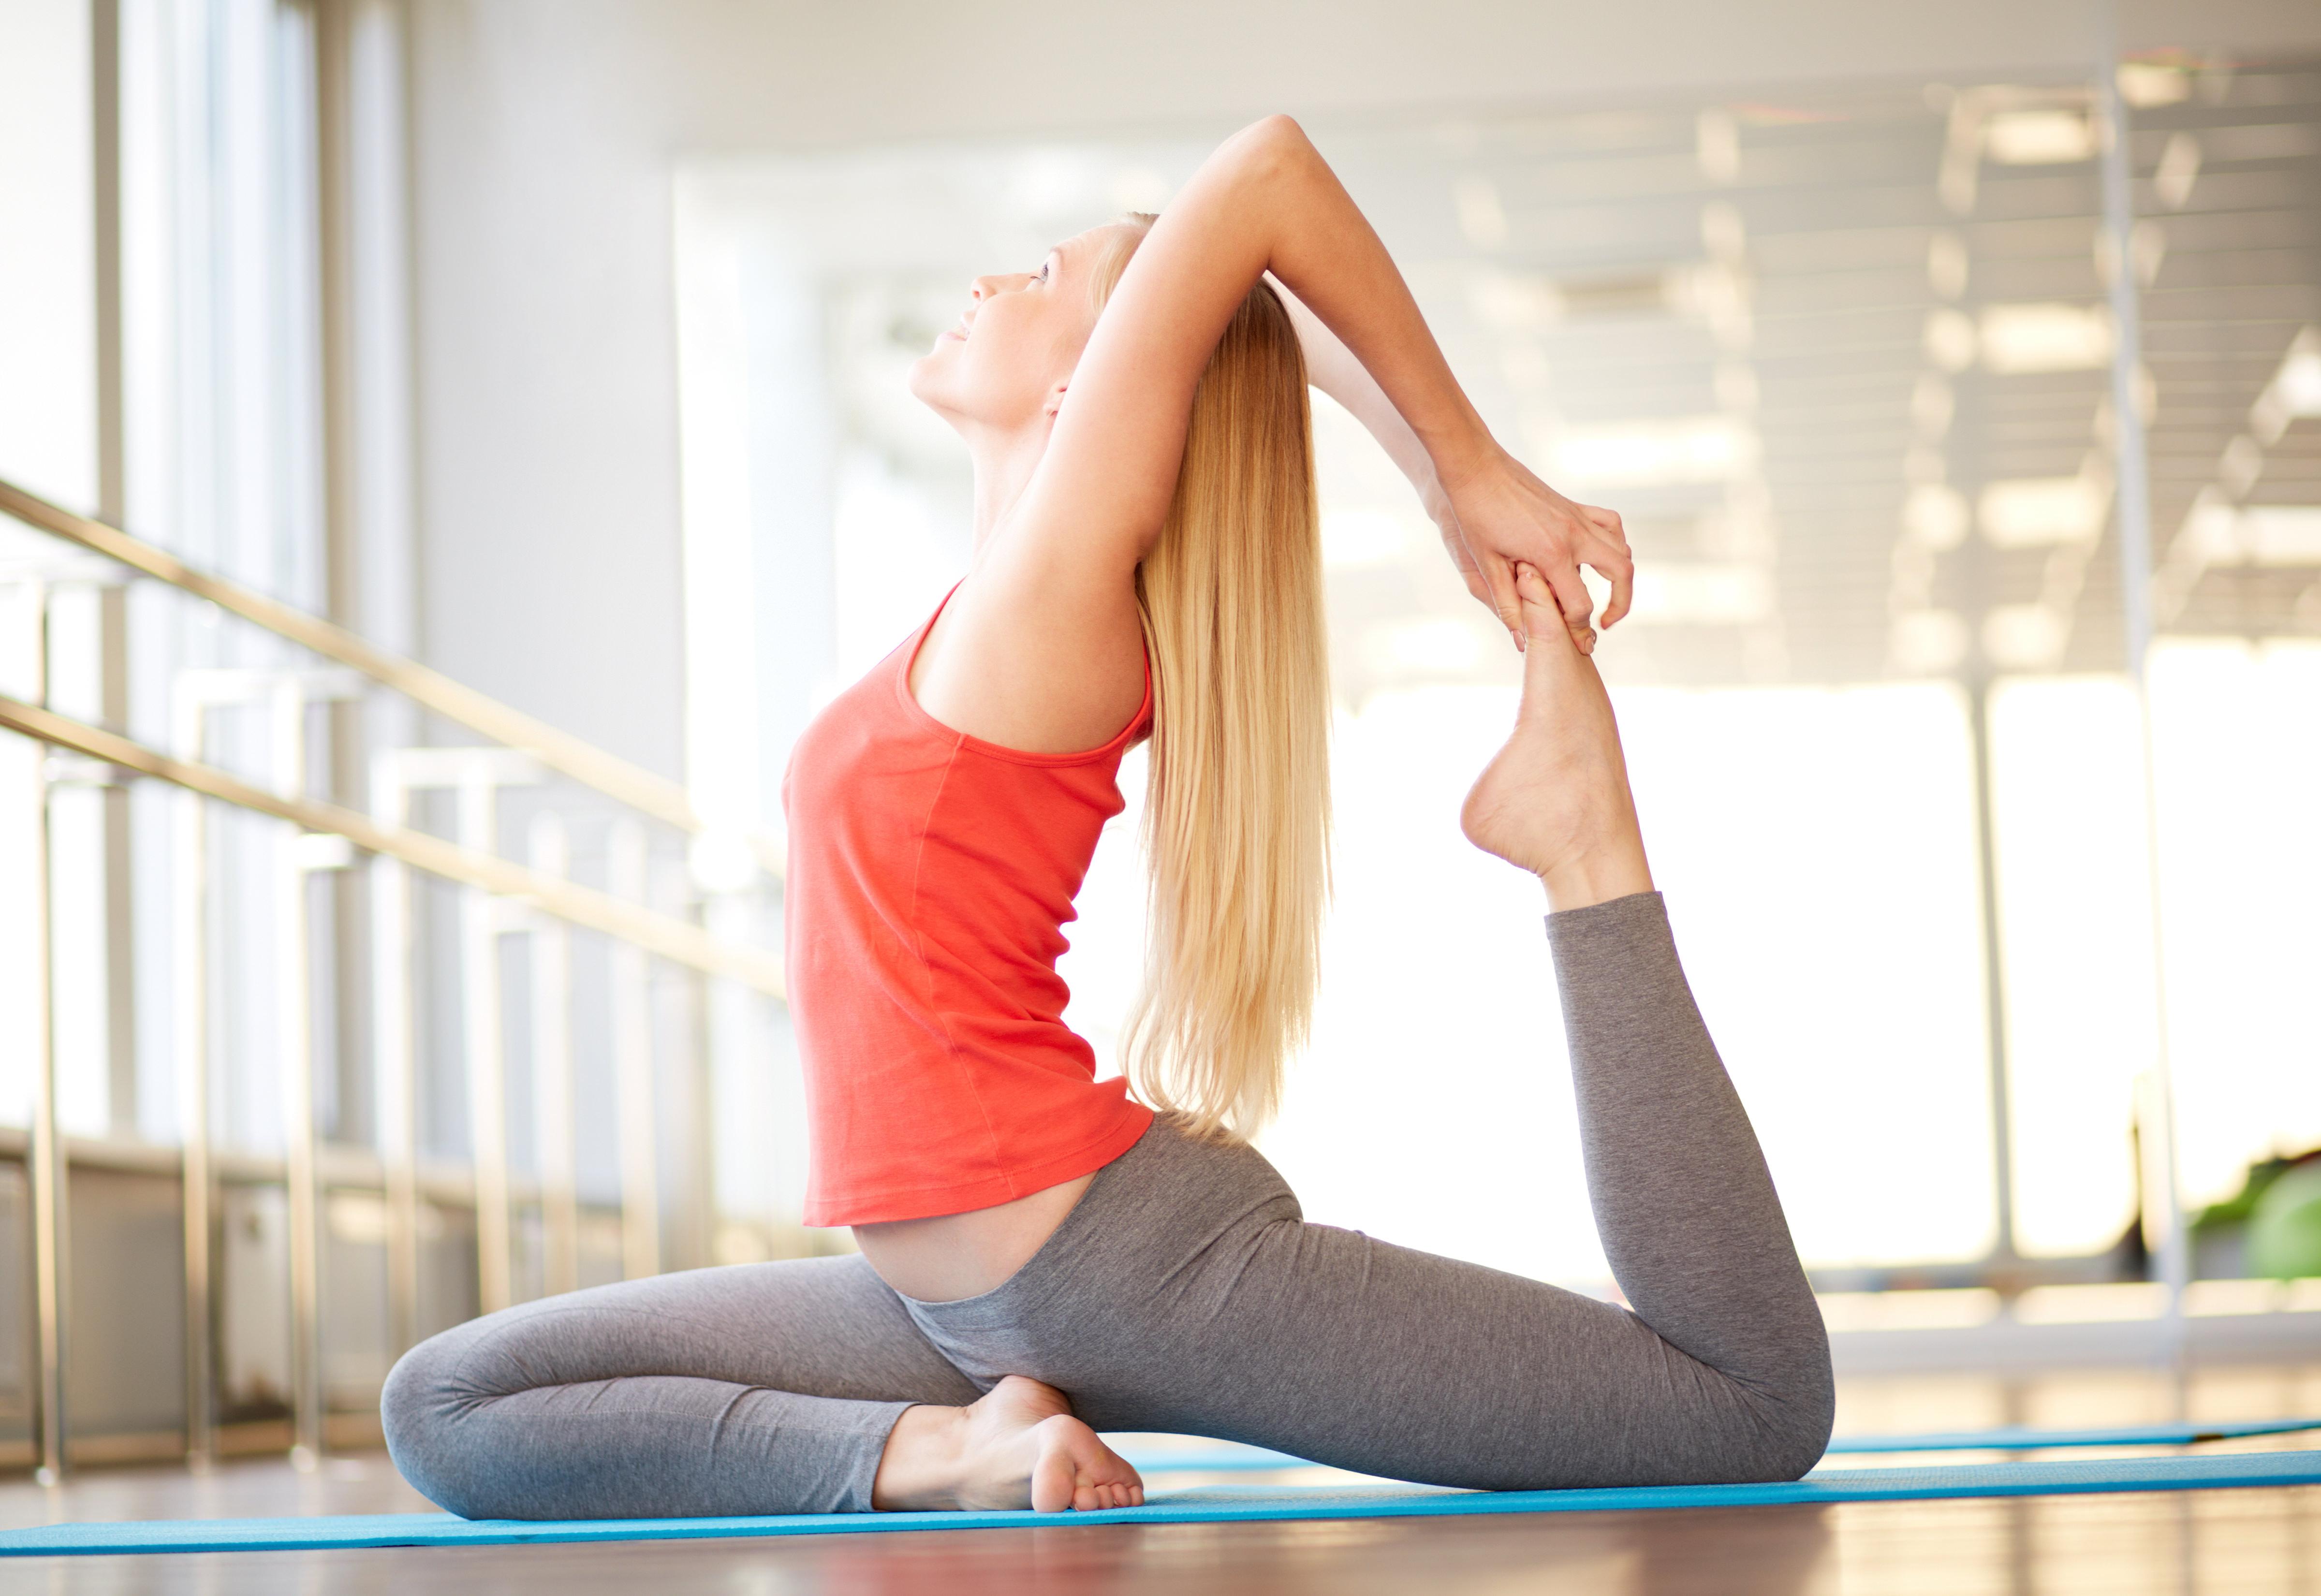 Yoga amaizing assans